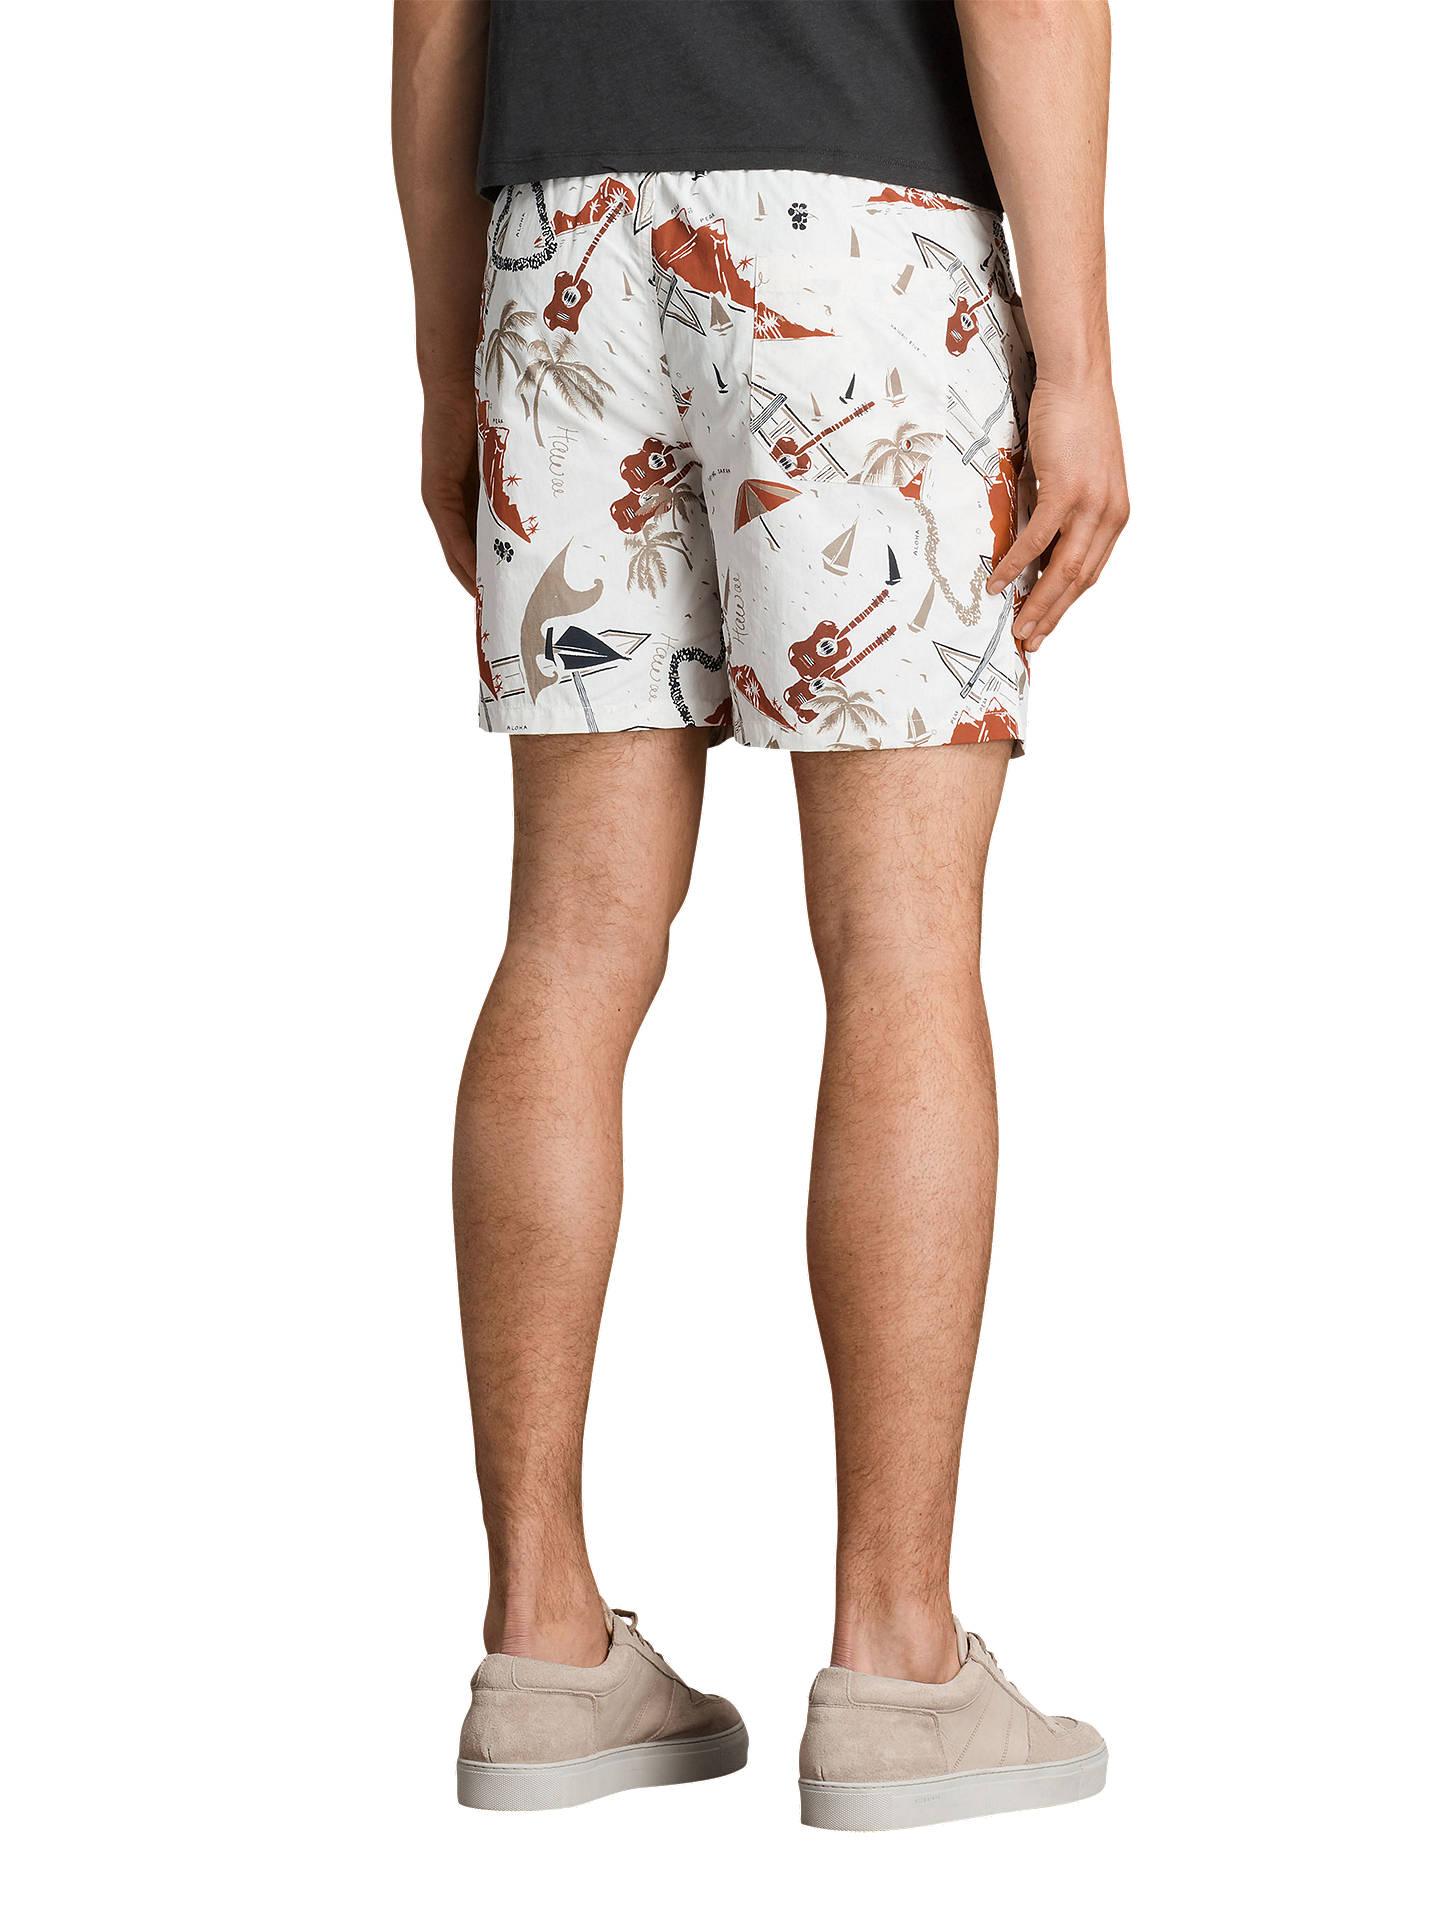 2a4b9b3e0fa59 ... Buy AllSaints Waikiki Swim Shorts, Ecru White, XS Online at  johnlewis.com ...